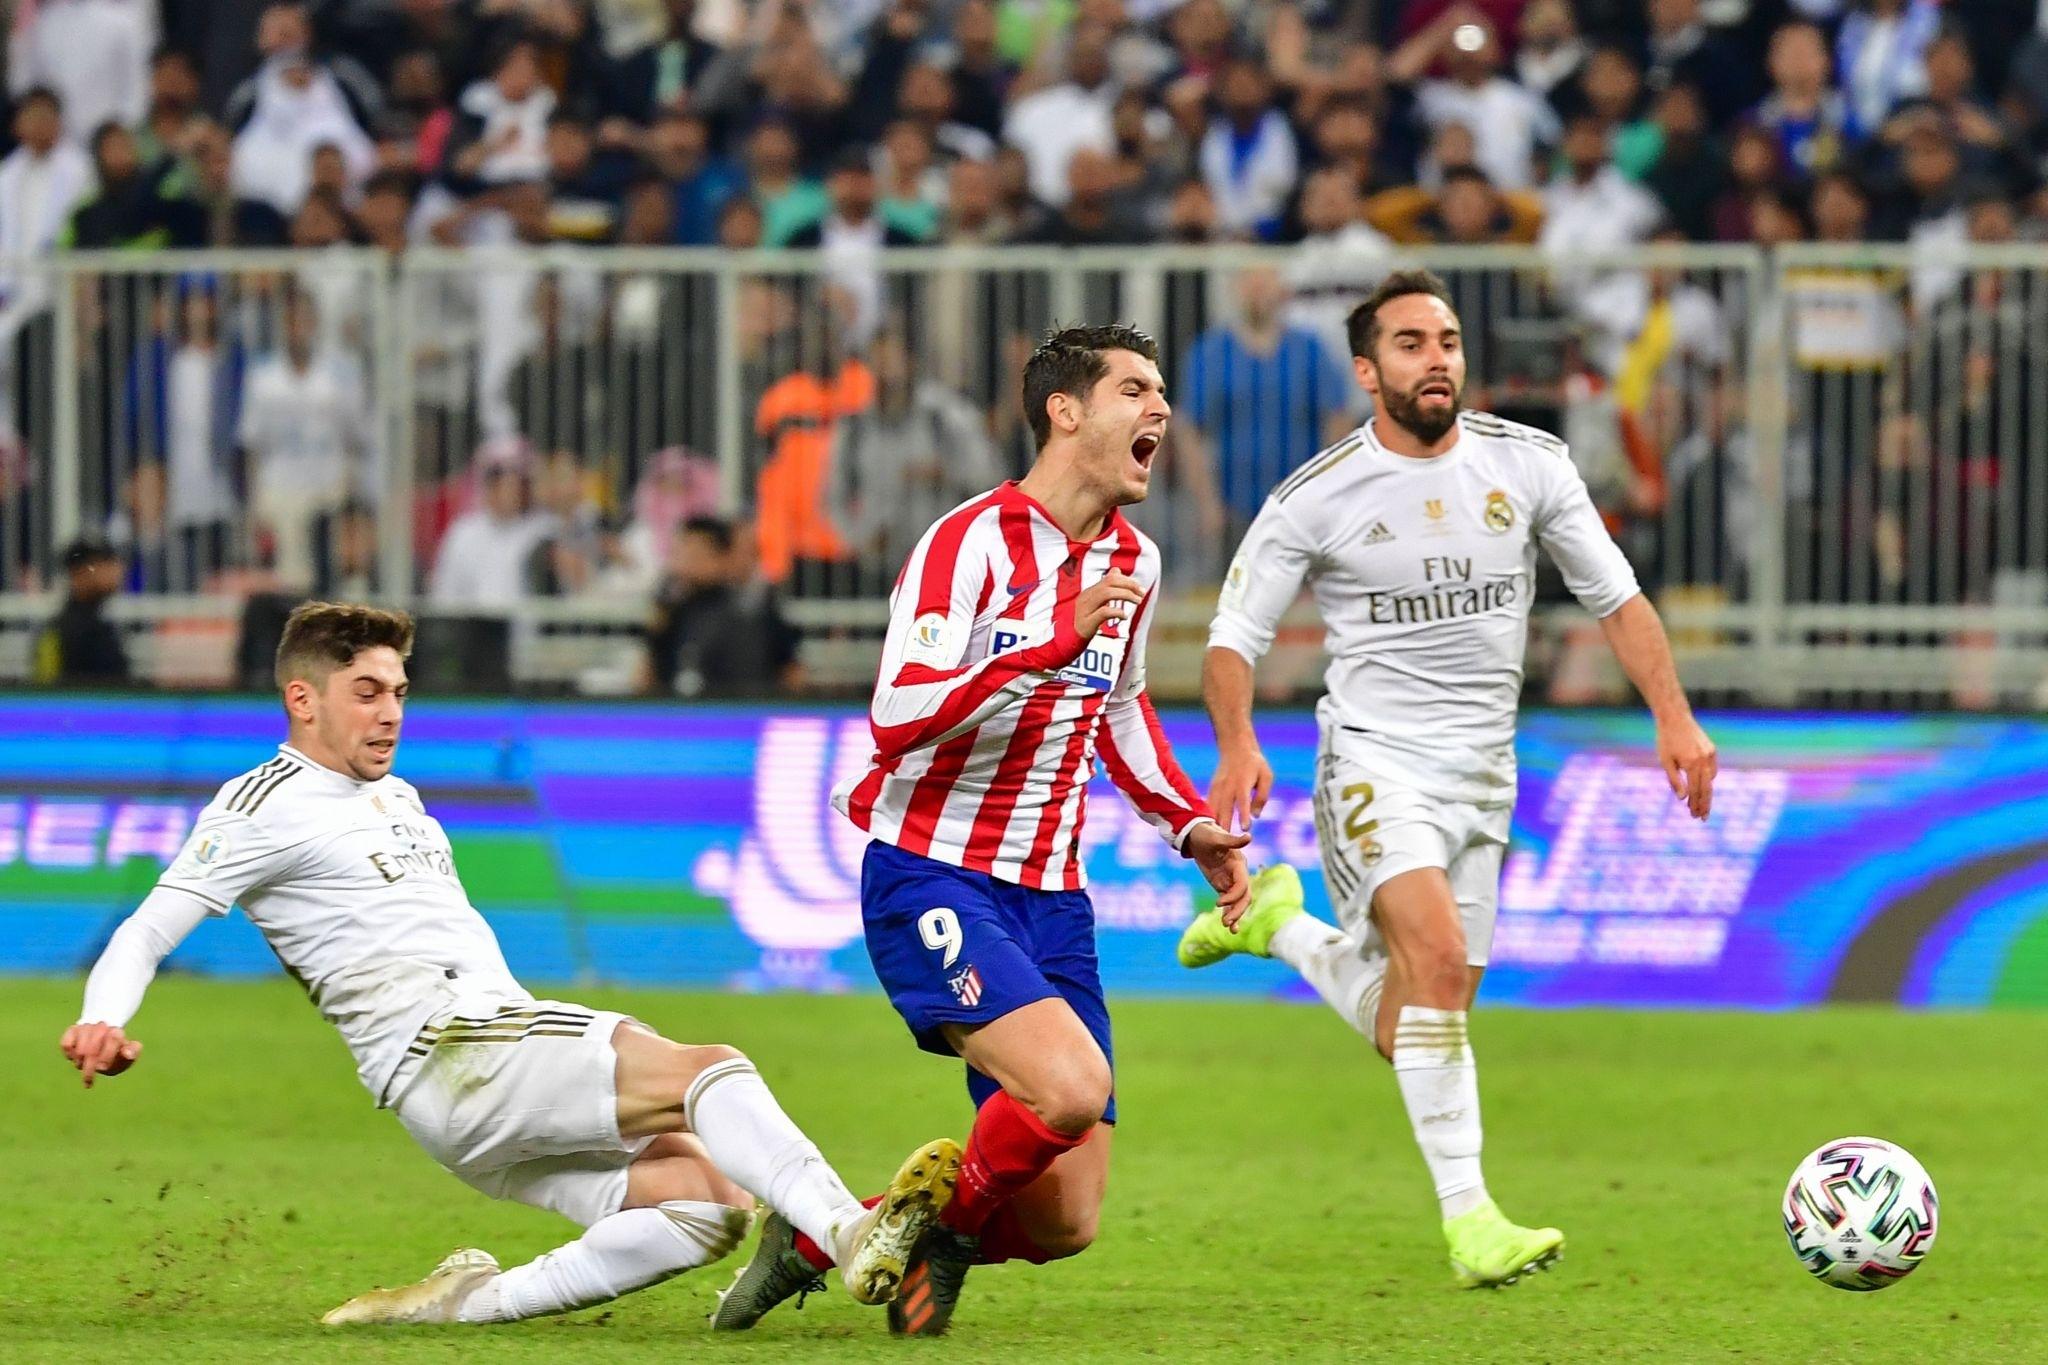 Суперкубок Іспанії. Фінал. Реал - Атлетико 0:0; пен.: 4:1. Зідан розігріває апетит? - изображение 2